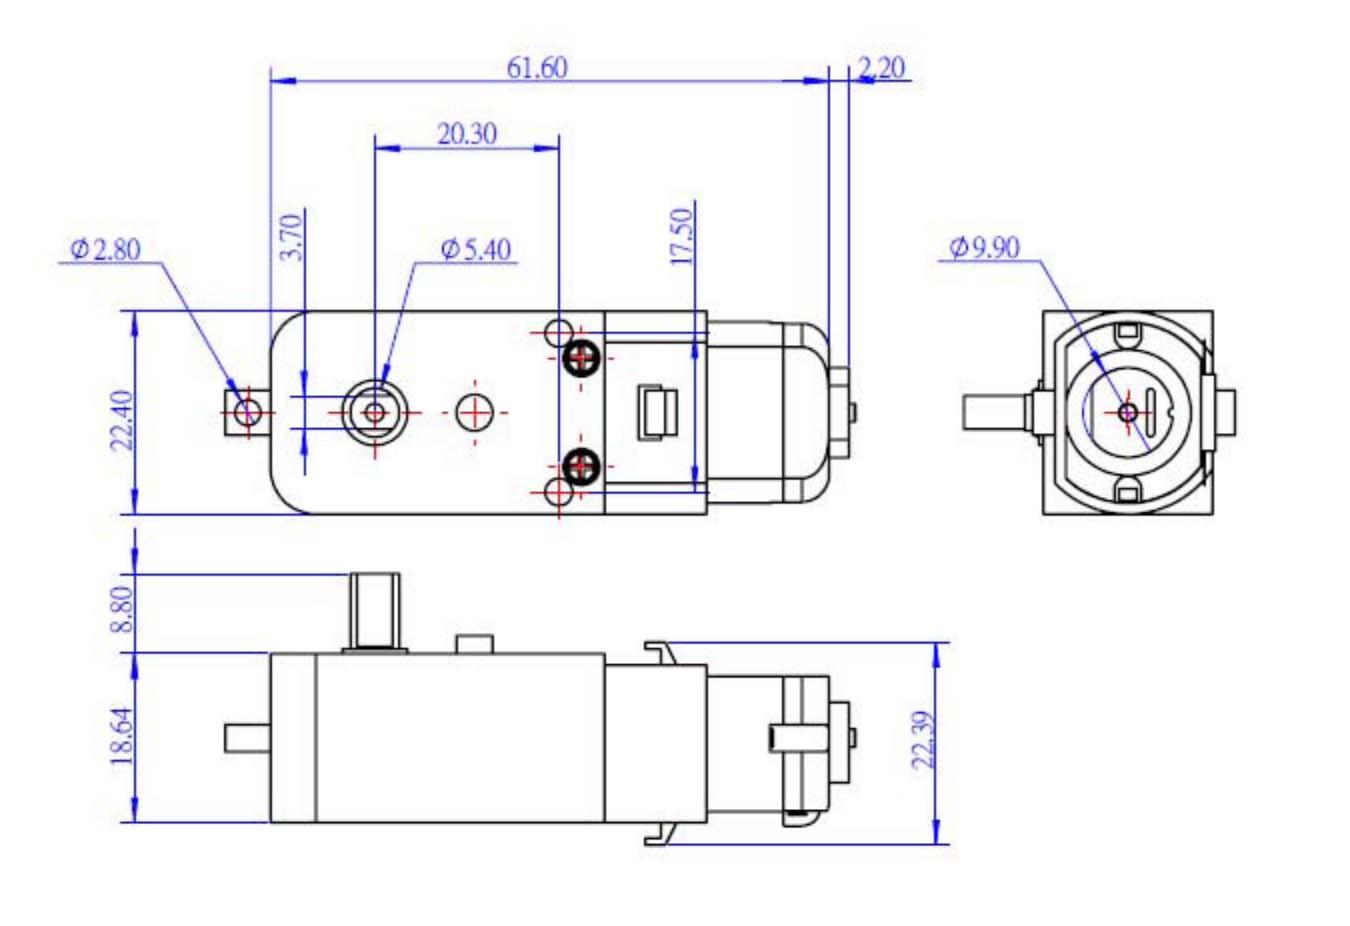 Motorreductor amarillo 48:1 alimentación de 3 a 9 volts - Dibujo técnico con dimensiones